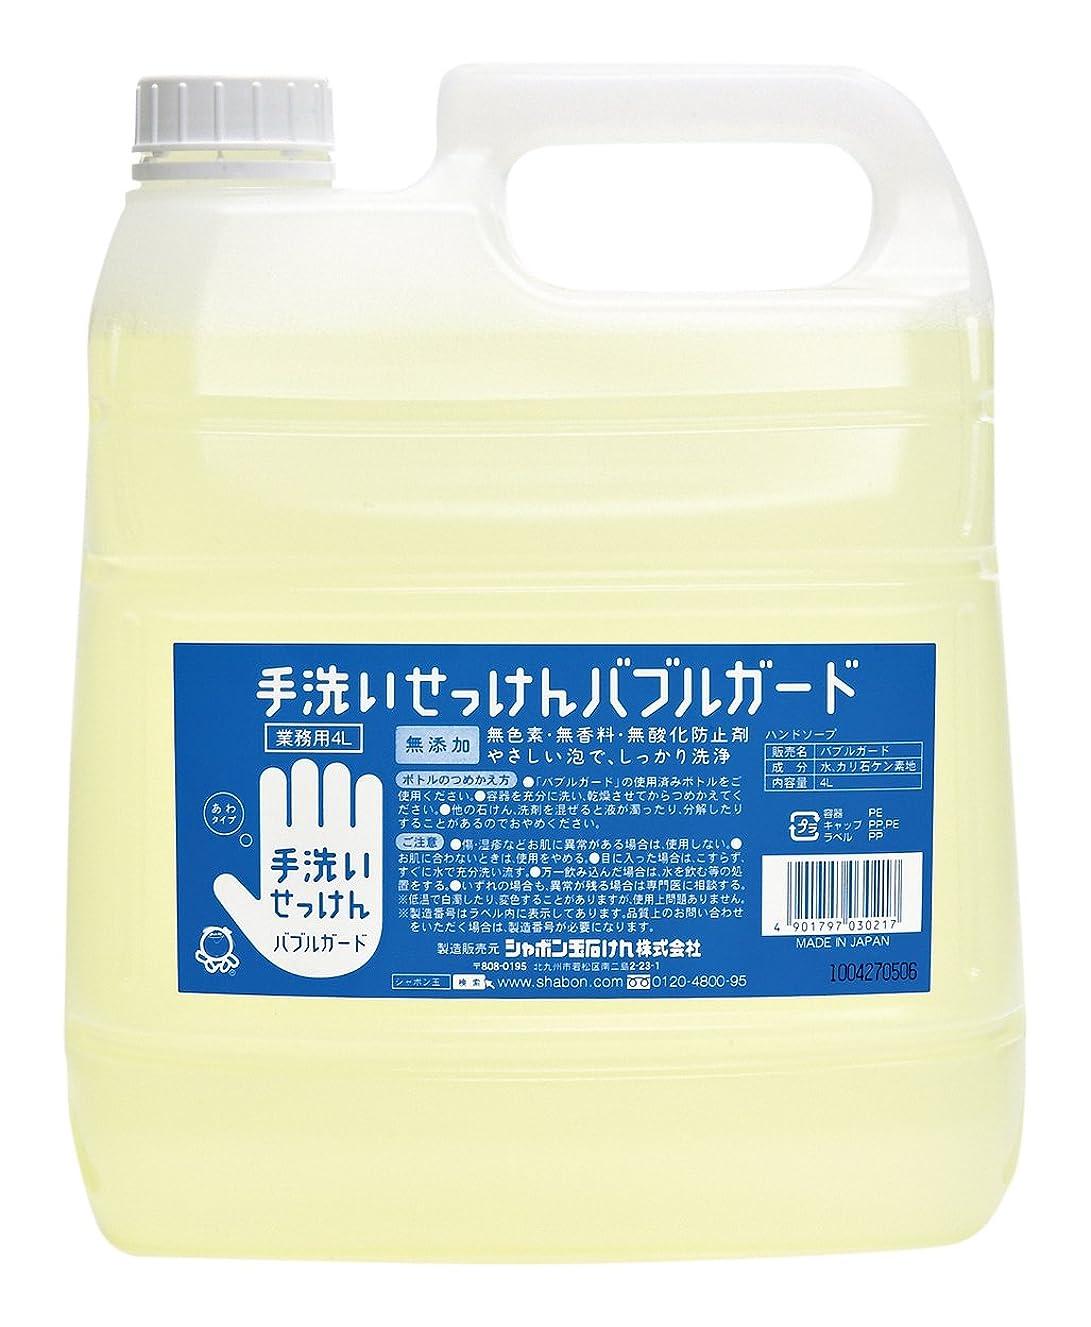 耳キャプテンブライ離婚【大容量】 シャボン玉 バブルガード 業務用 4L